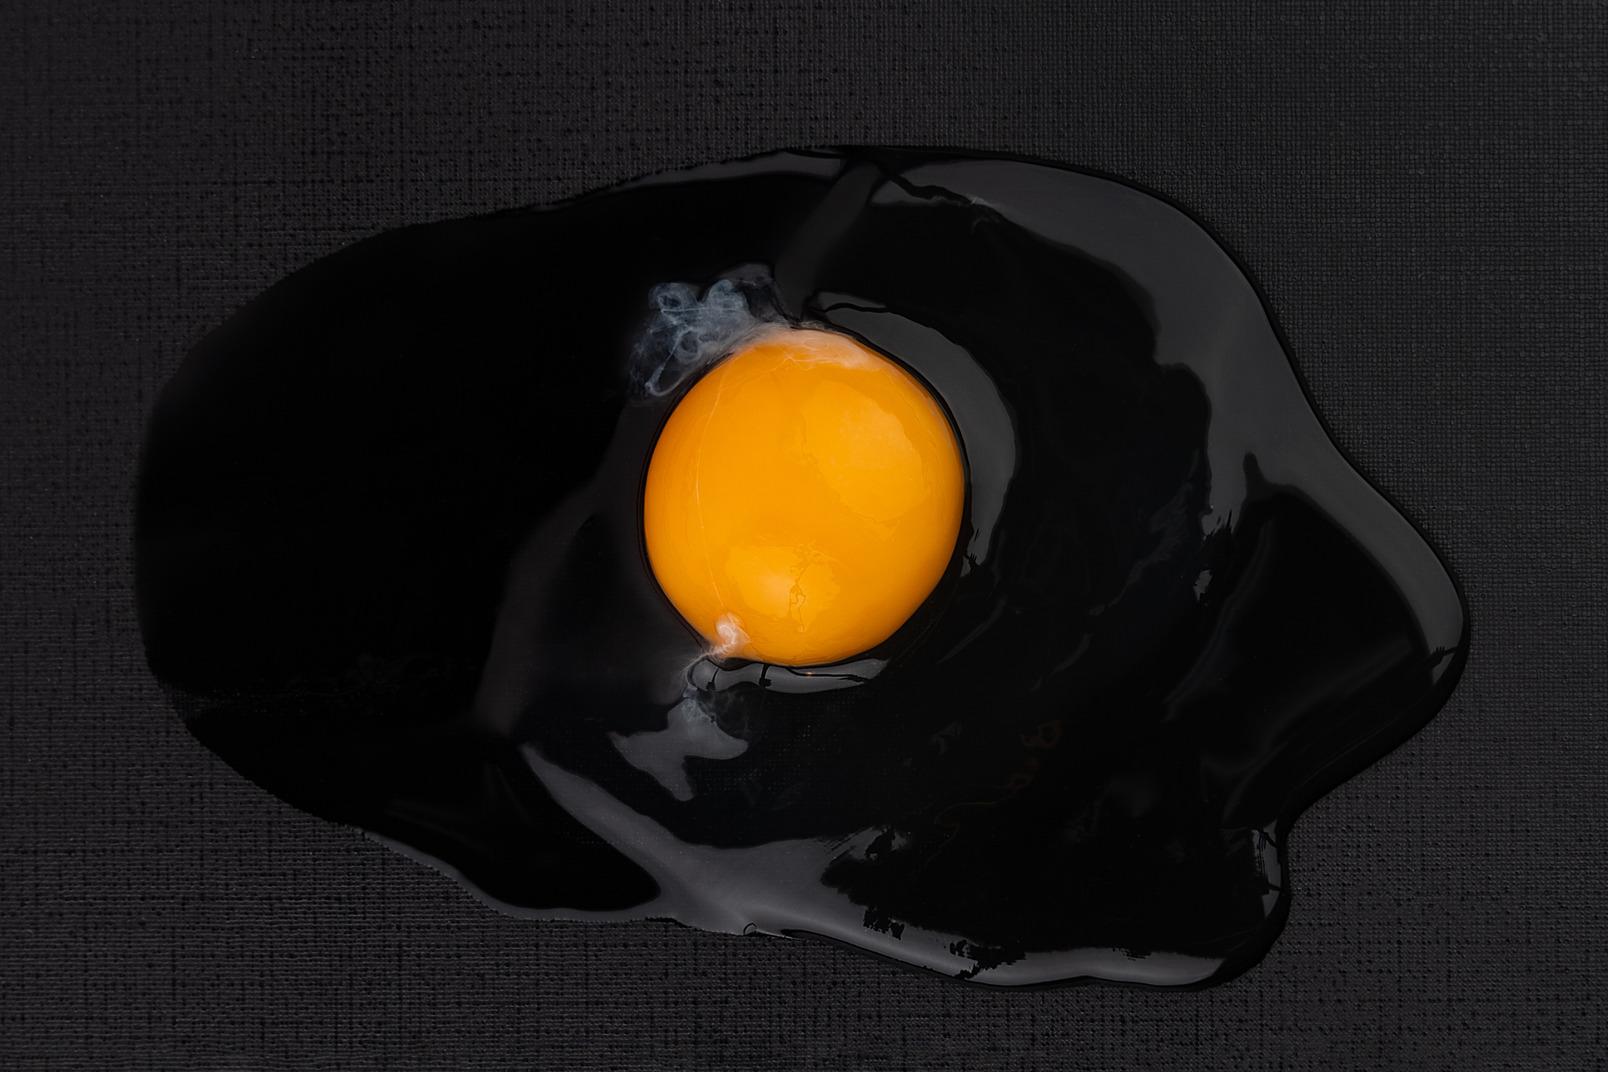 Schalenloses ei auf schwarzem hintergrund